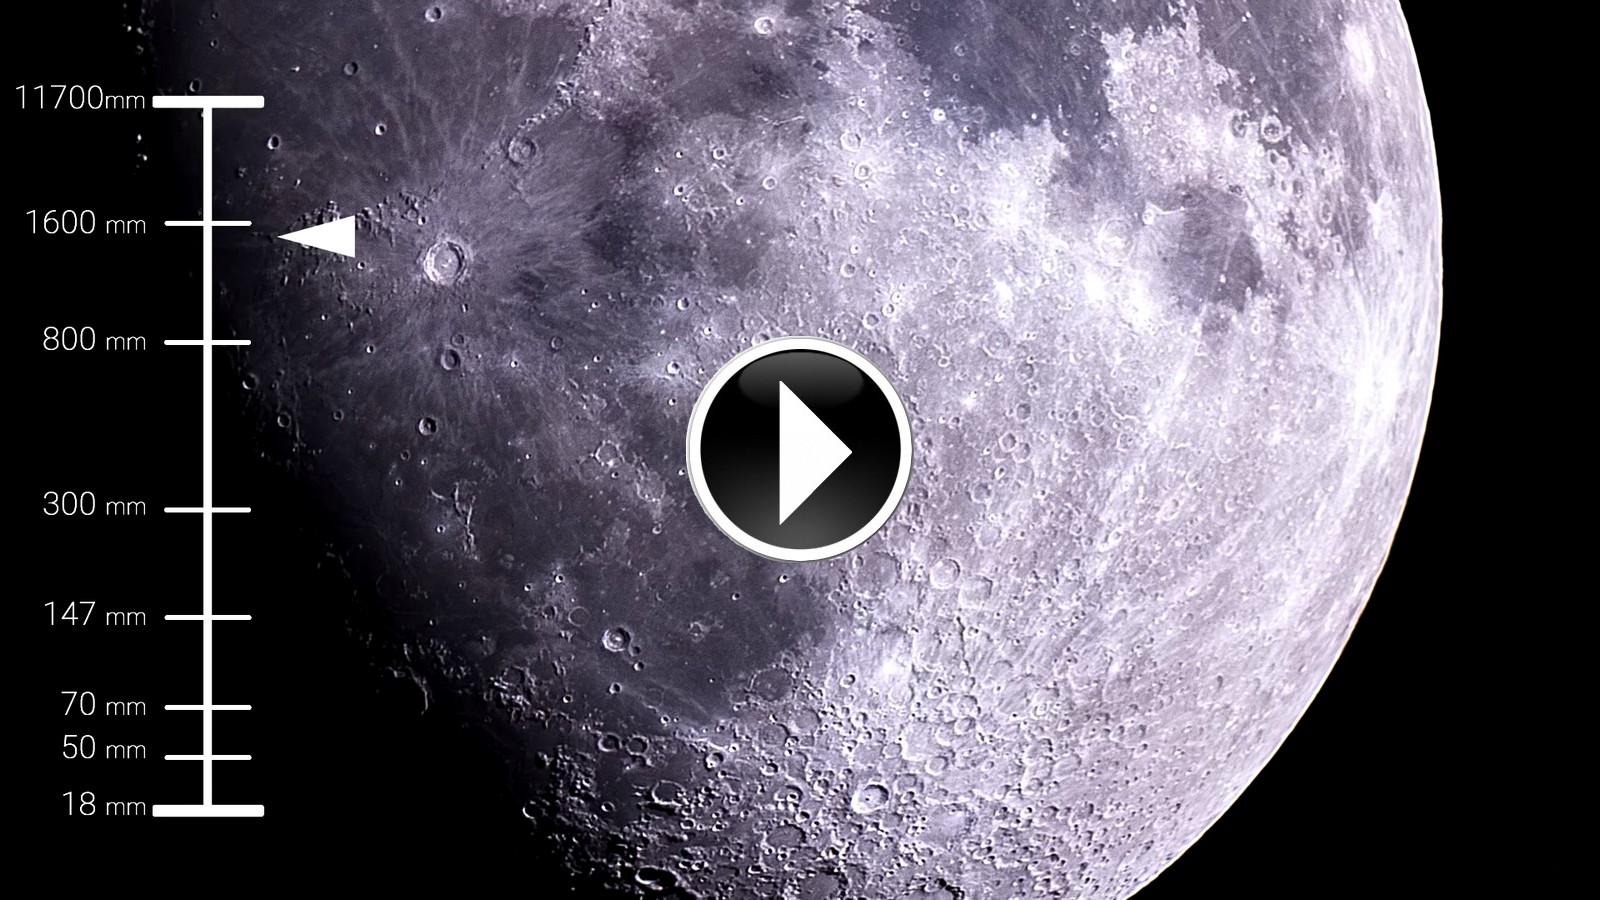 En vidéo : zoom géant pour découvrir la surface de la Lune